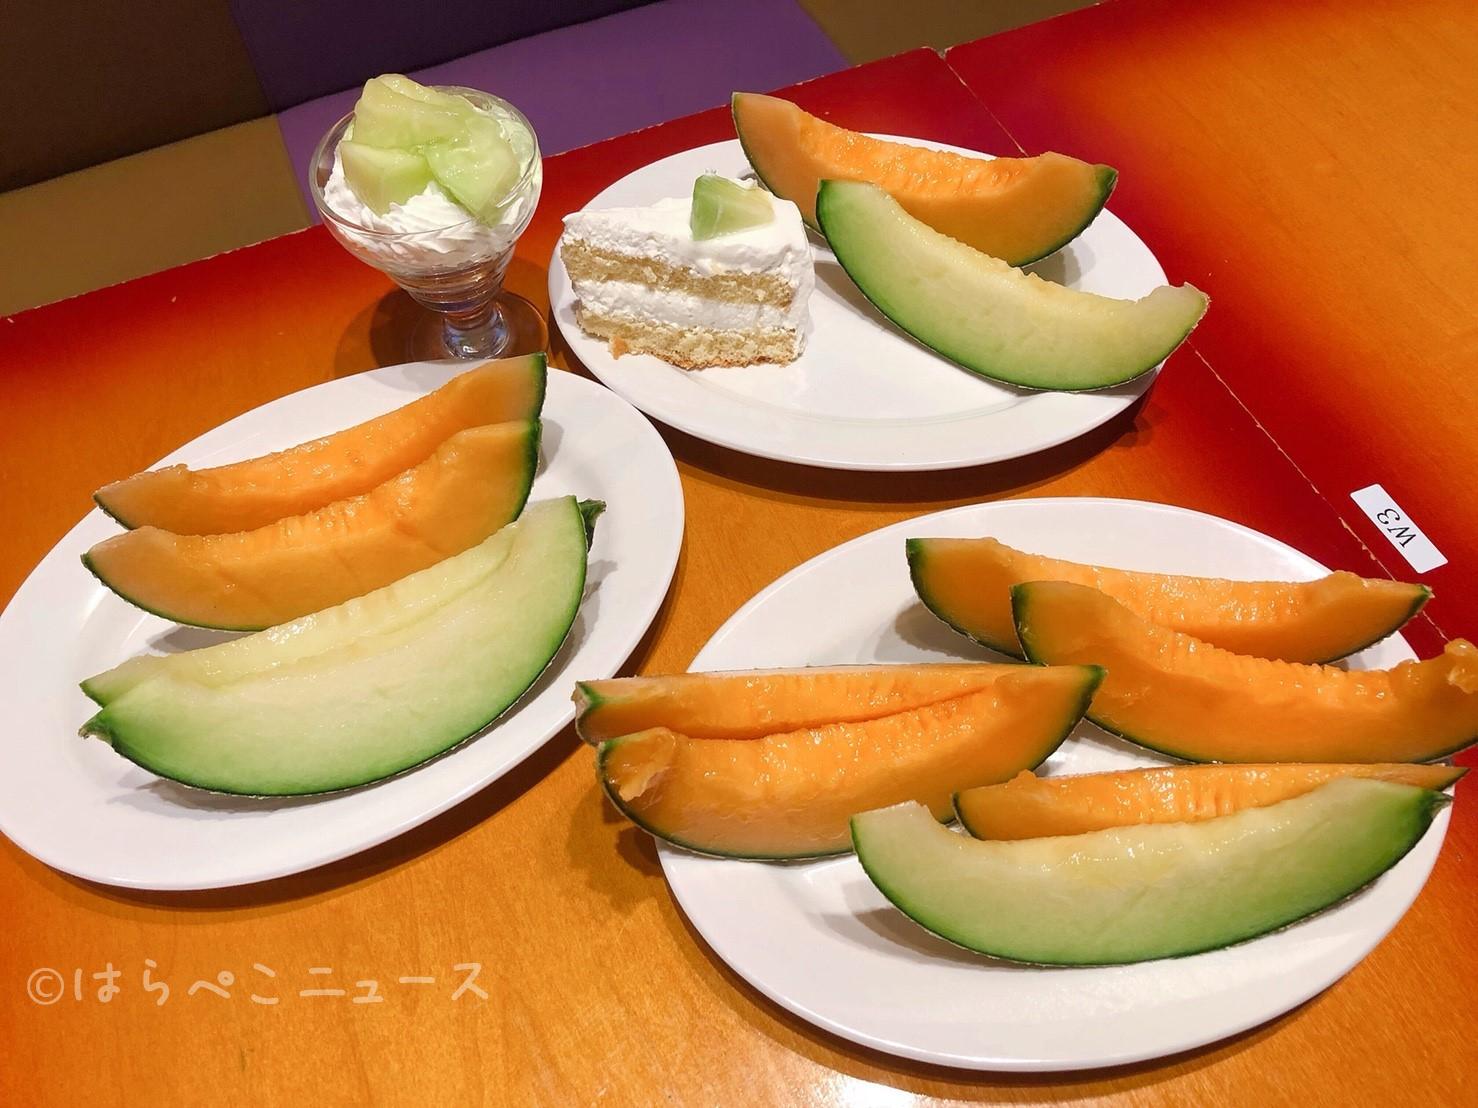 はらぺこニュース|【実食レポ】2500円でメロン食べ放題!「スイーツパラダイス」でメロンパフェやメロンシュークリームも!